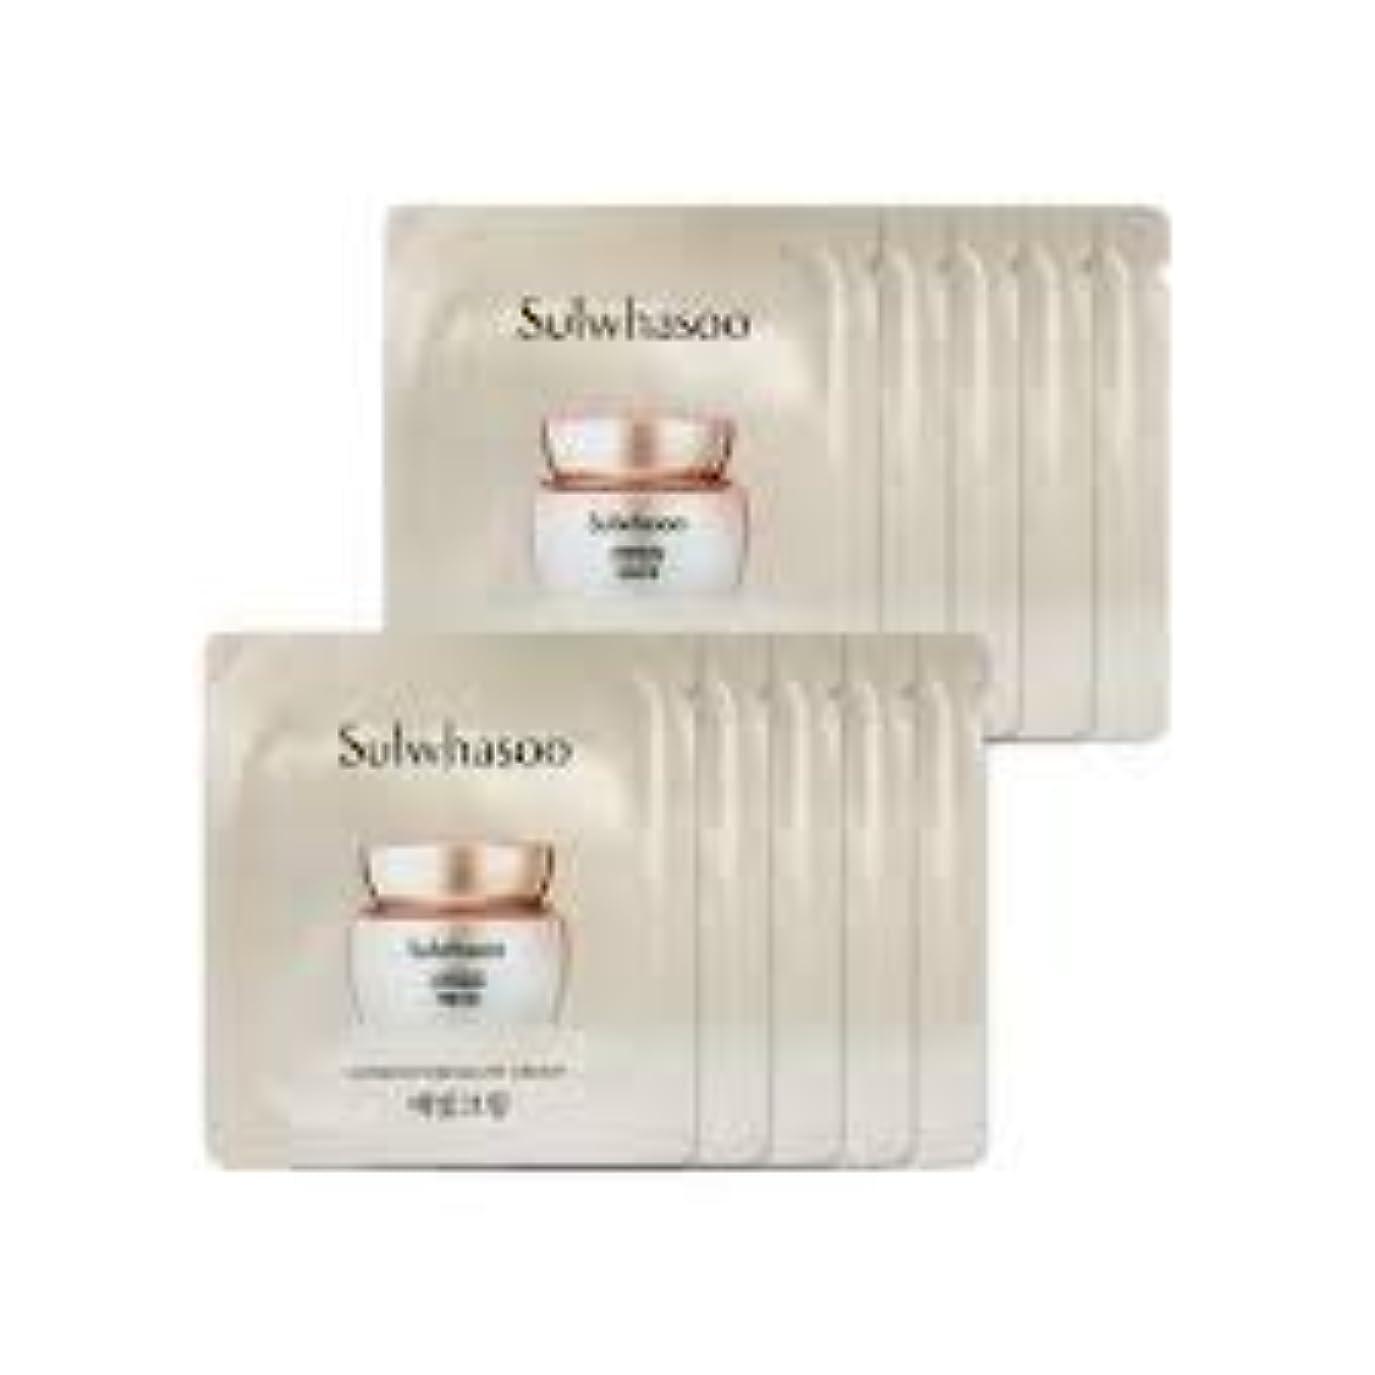 ぼろ誤解するスナップ[ソルファス ] Sulwhasoo (雪花秀) ルミナチュアグロー Luminature Glow Cream 1ml x 30 (イェビトクリーム) [ShopMaster1]